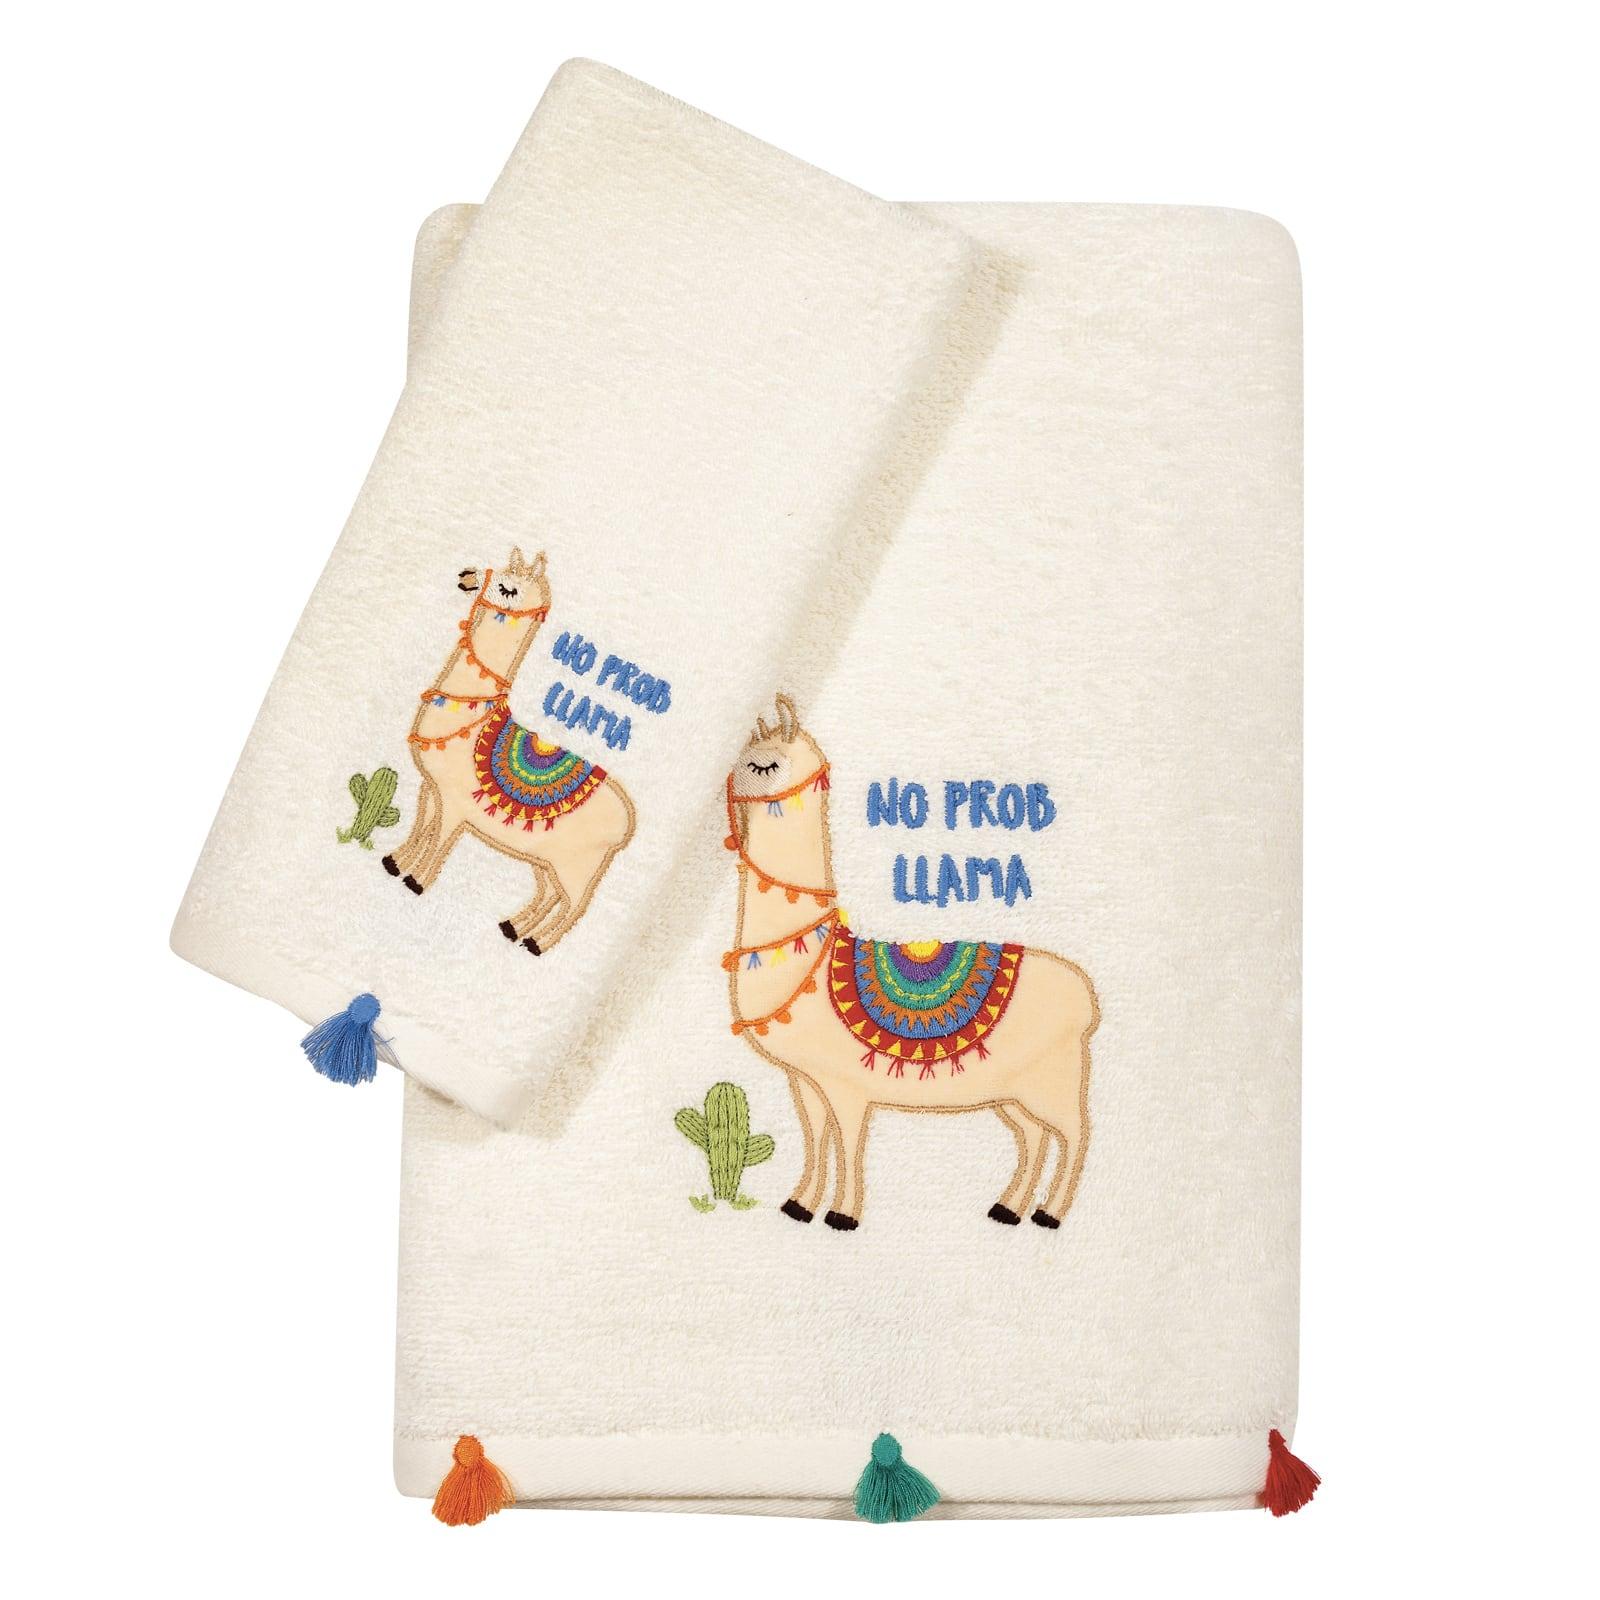 Πετσέτες Βρεφικές Κεντητές 6571 Σετ 2τμχ Baby Fun Embroidery White-Beige Das Baby Σετ Πετσέτες 70x140cm